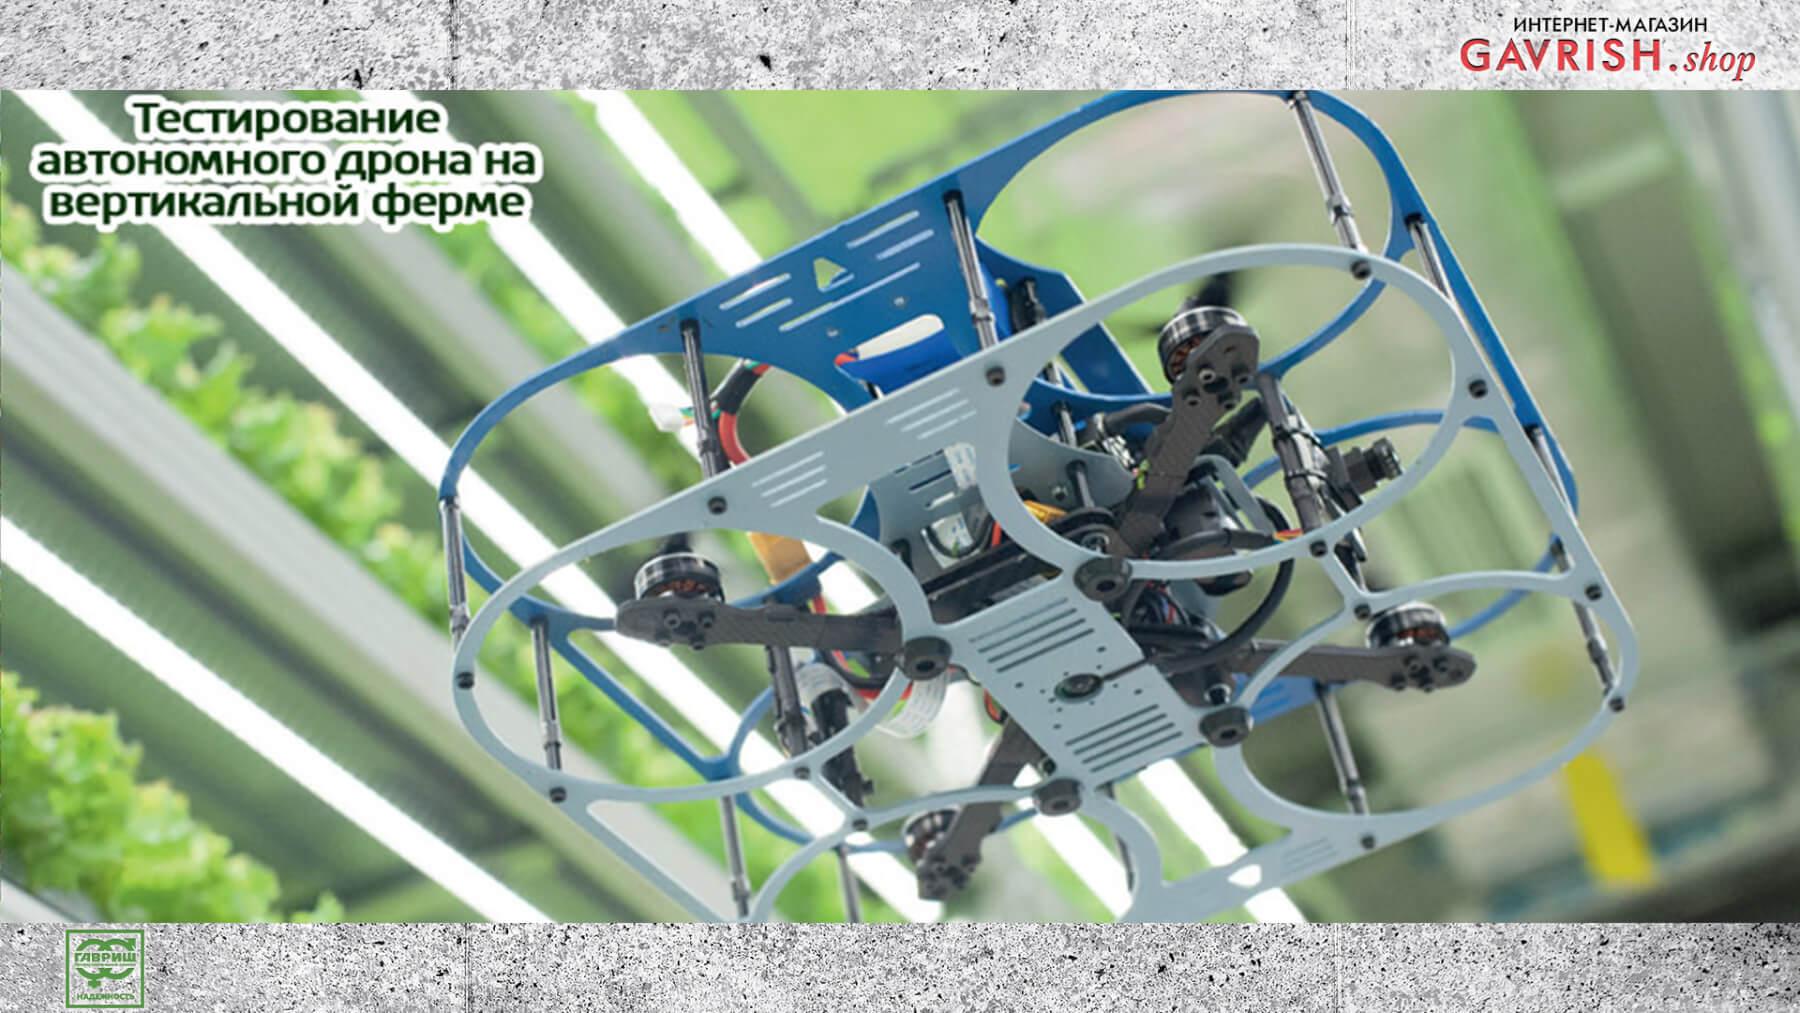 Тестирование автономного дрона на вертикальной ферме. Фото: Ника Селезнева